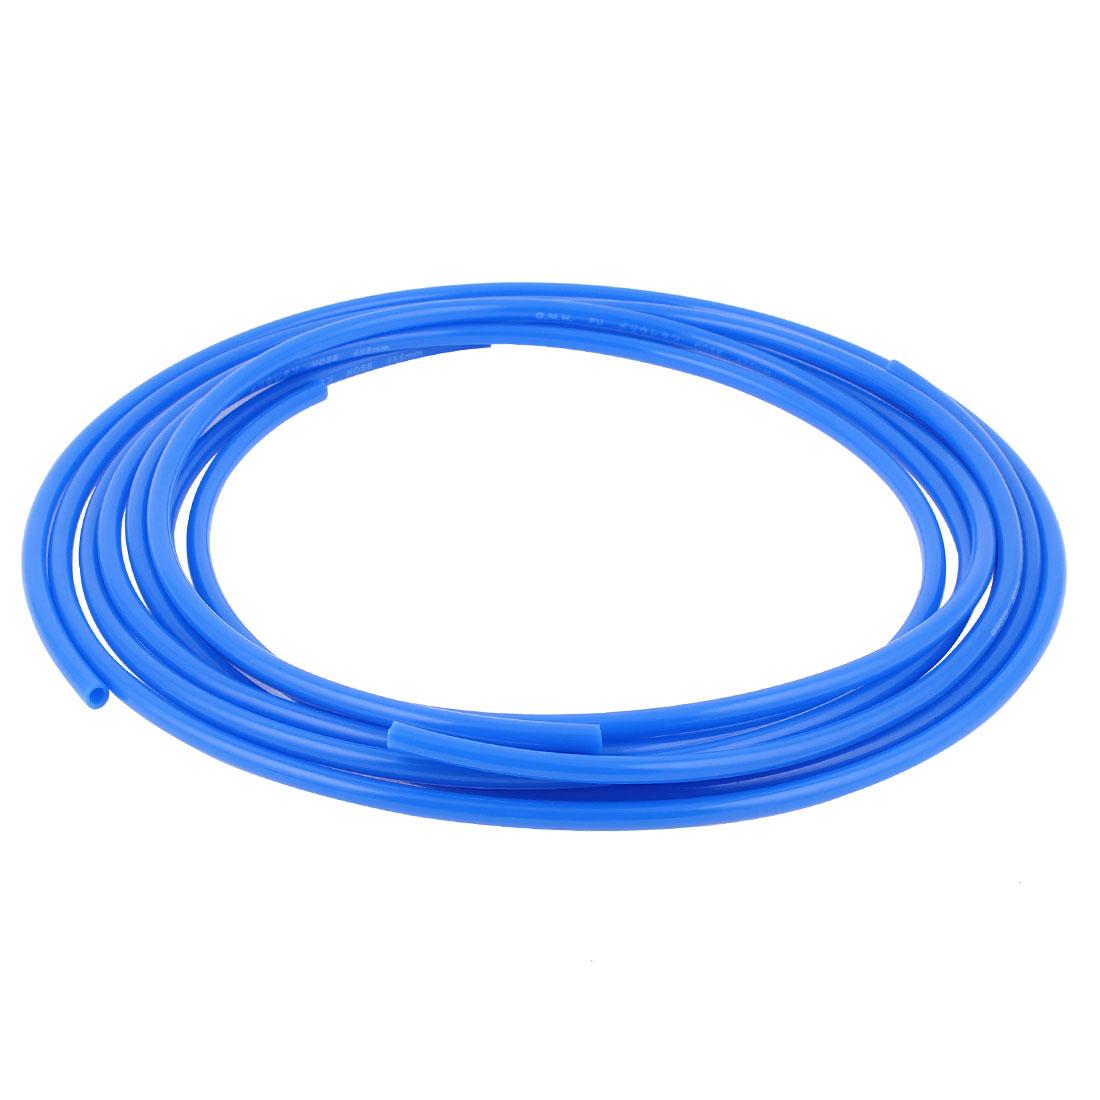 6mm x 4mm Pneumatic Air Compressor Tubing PU Hose Tube Pipe 1.5m Blue 3pcs